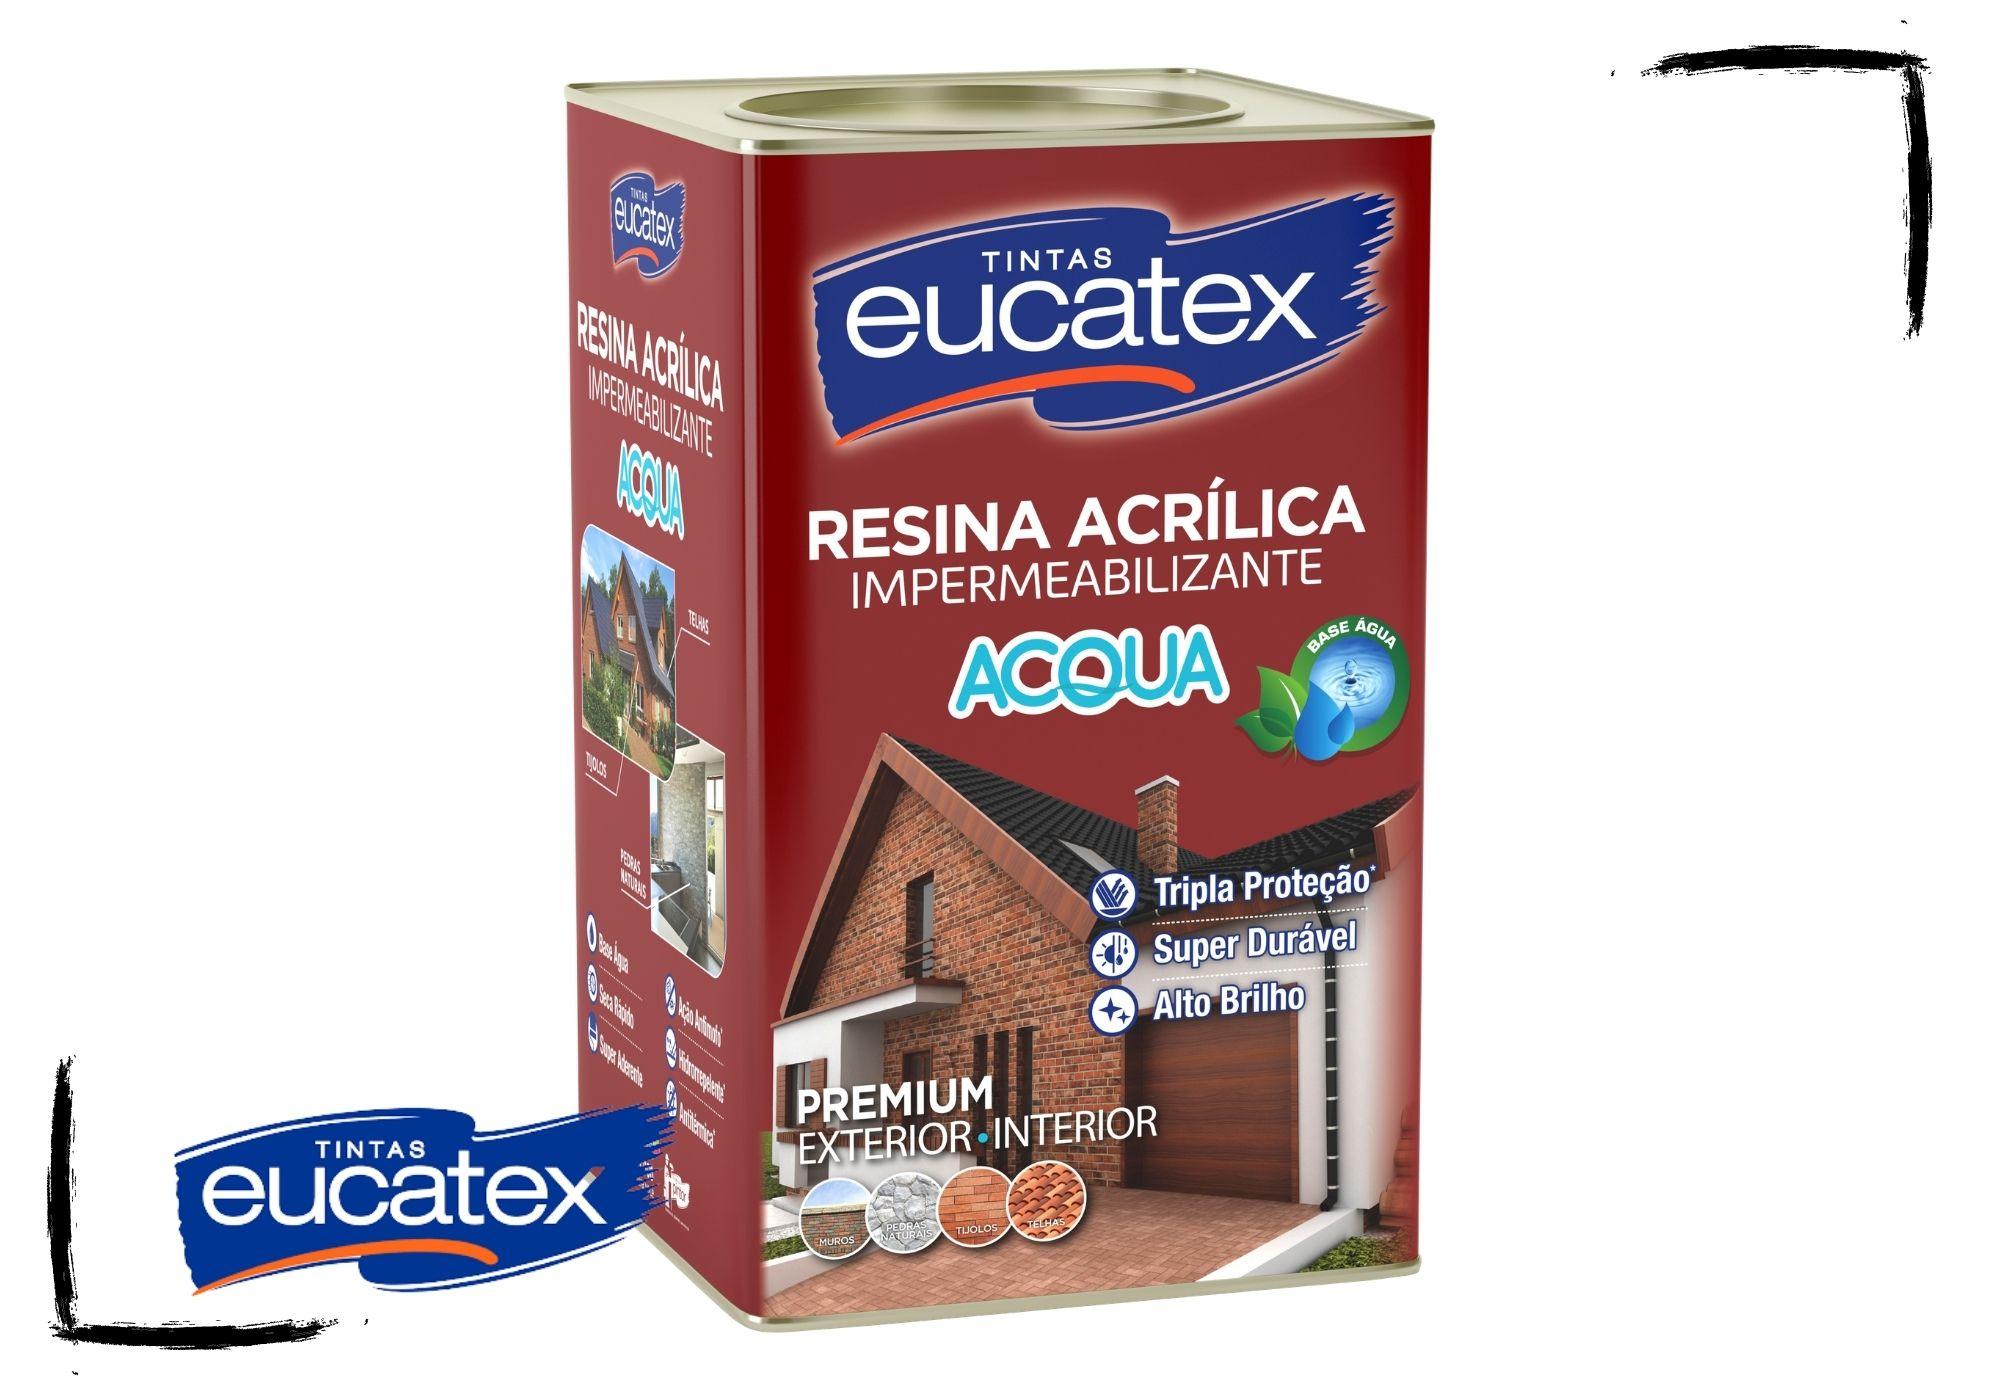 Eucatex Resina Acrílica Brilhante ACQUA